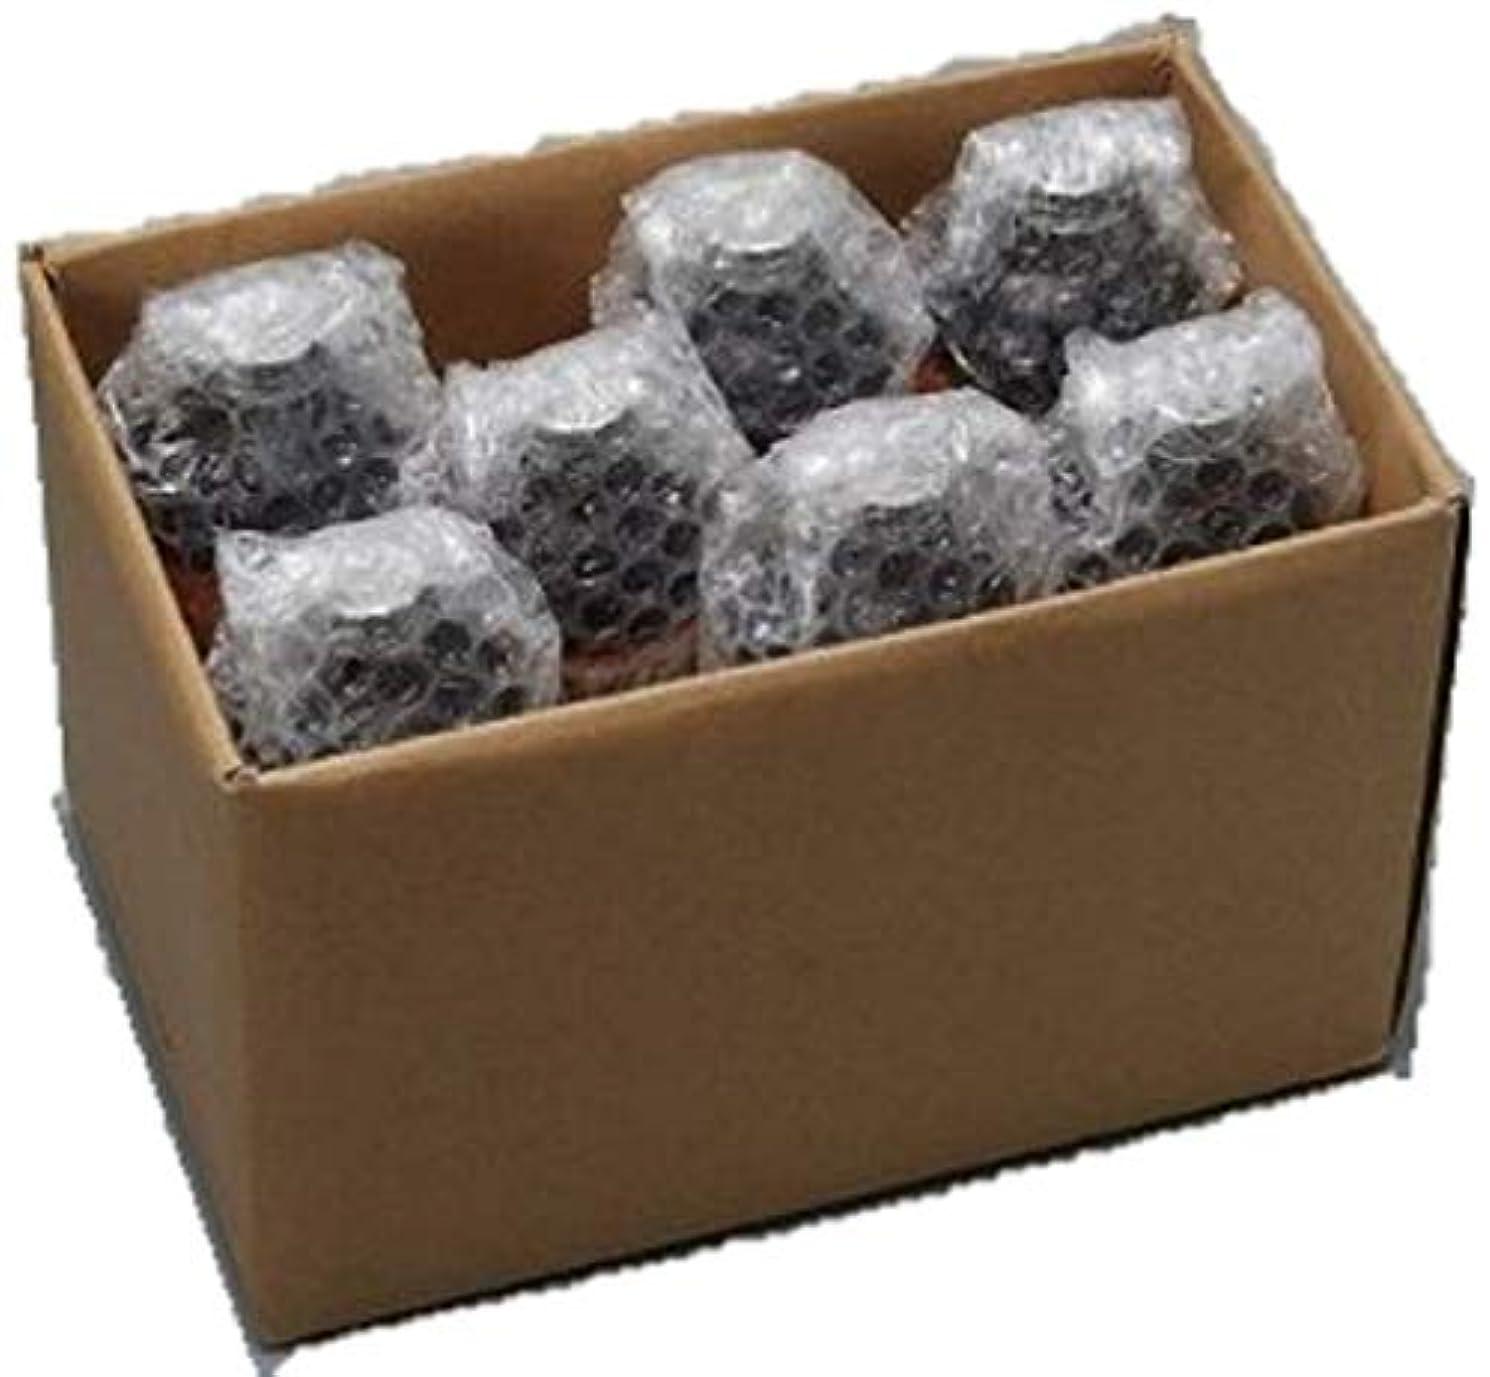 アンペアシリンググロークール冷蔵便/7本セット/「亜麻仁油(フローラ社製)」(必須脂肪酸オメガ-3の補給源)